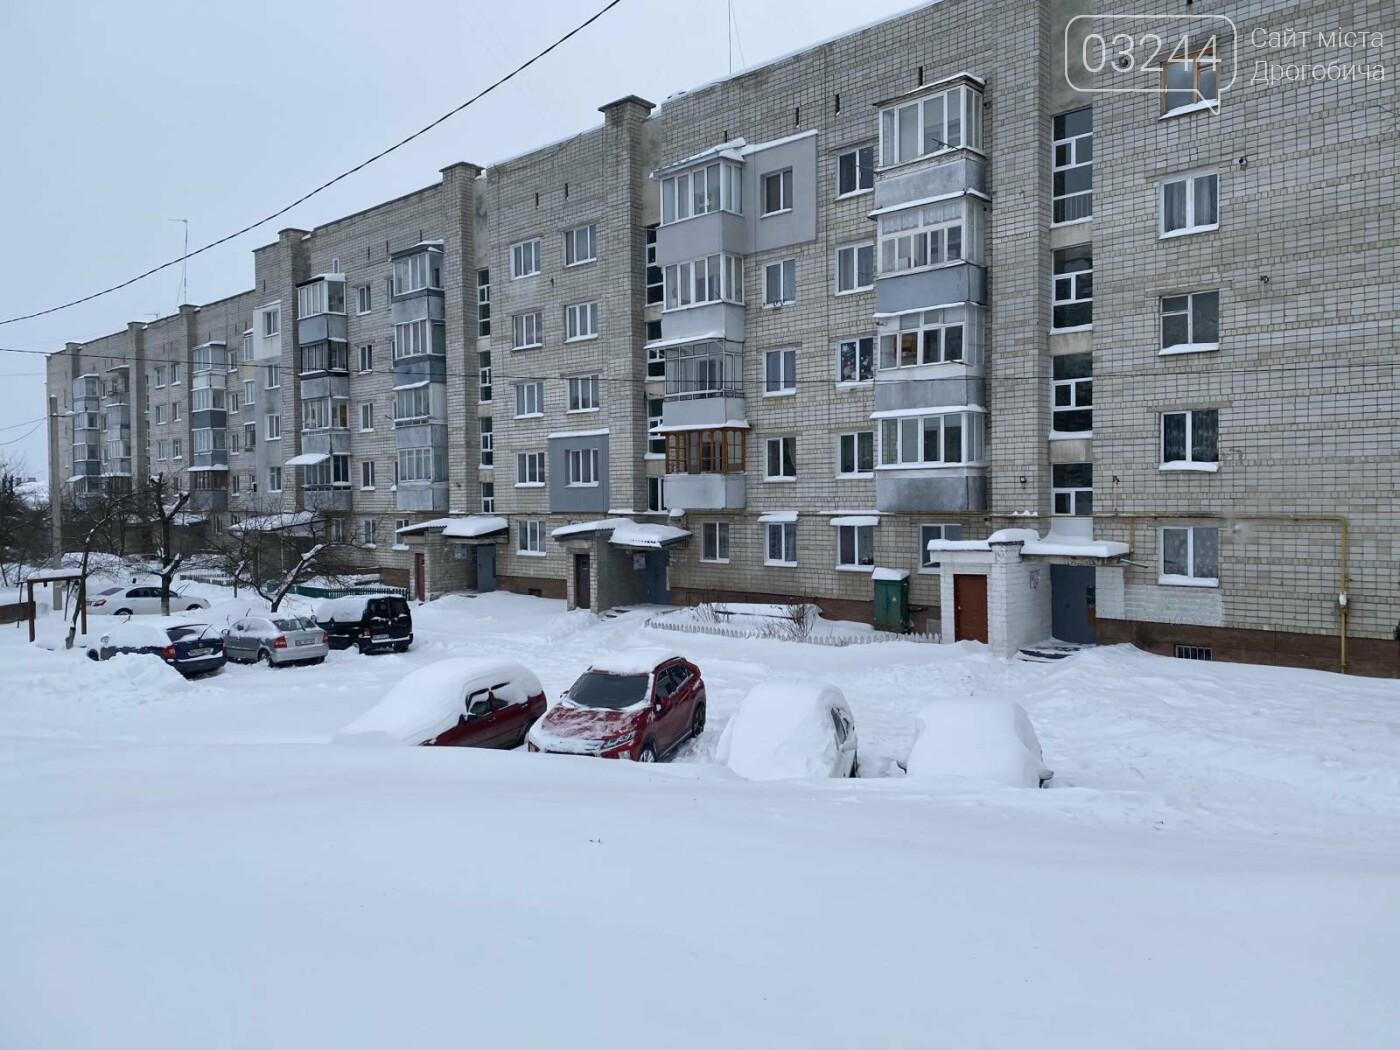 Притрусило: негода перетворила автівки, які не виїжджали кілька днів, на снігові кургани, - ФОТОРЕПОРТАЖ, фото-9